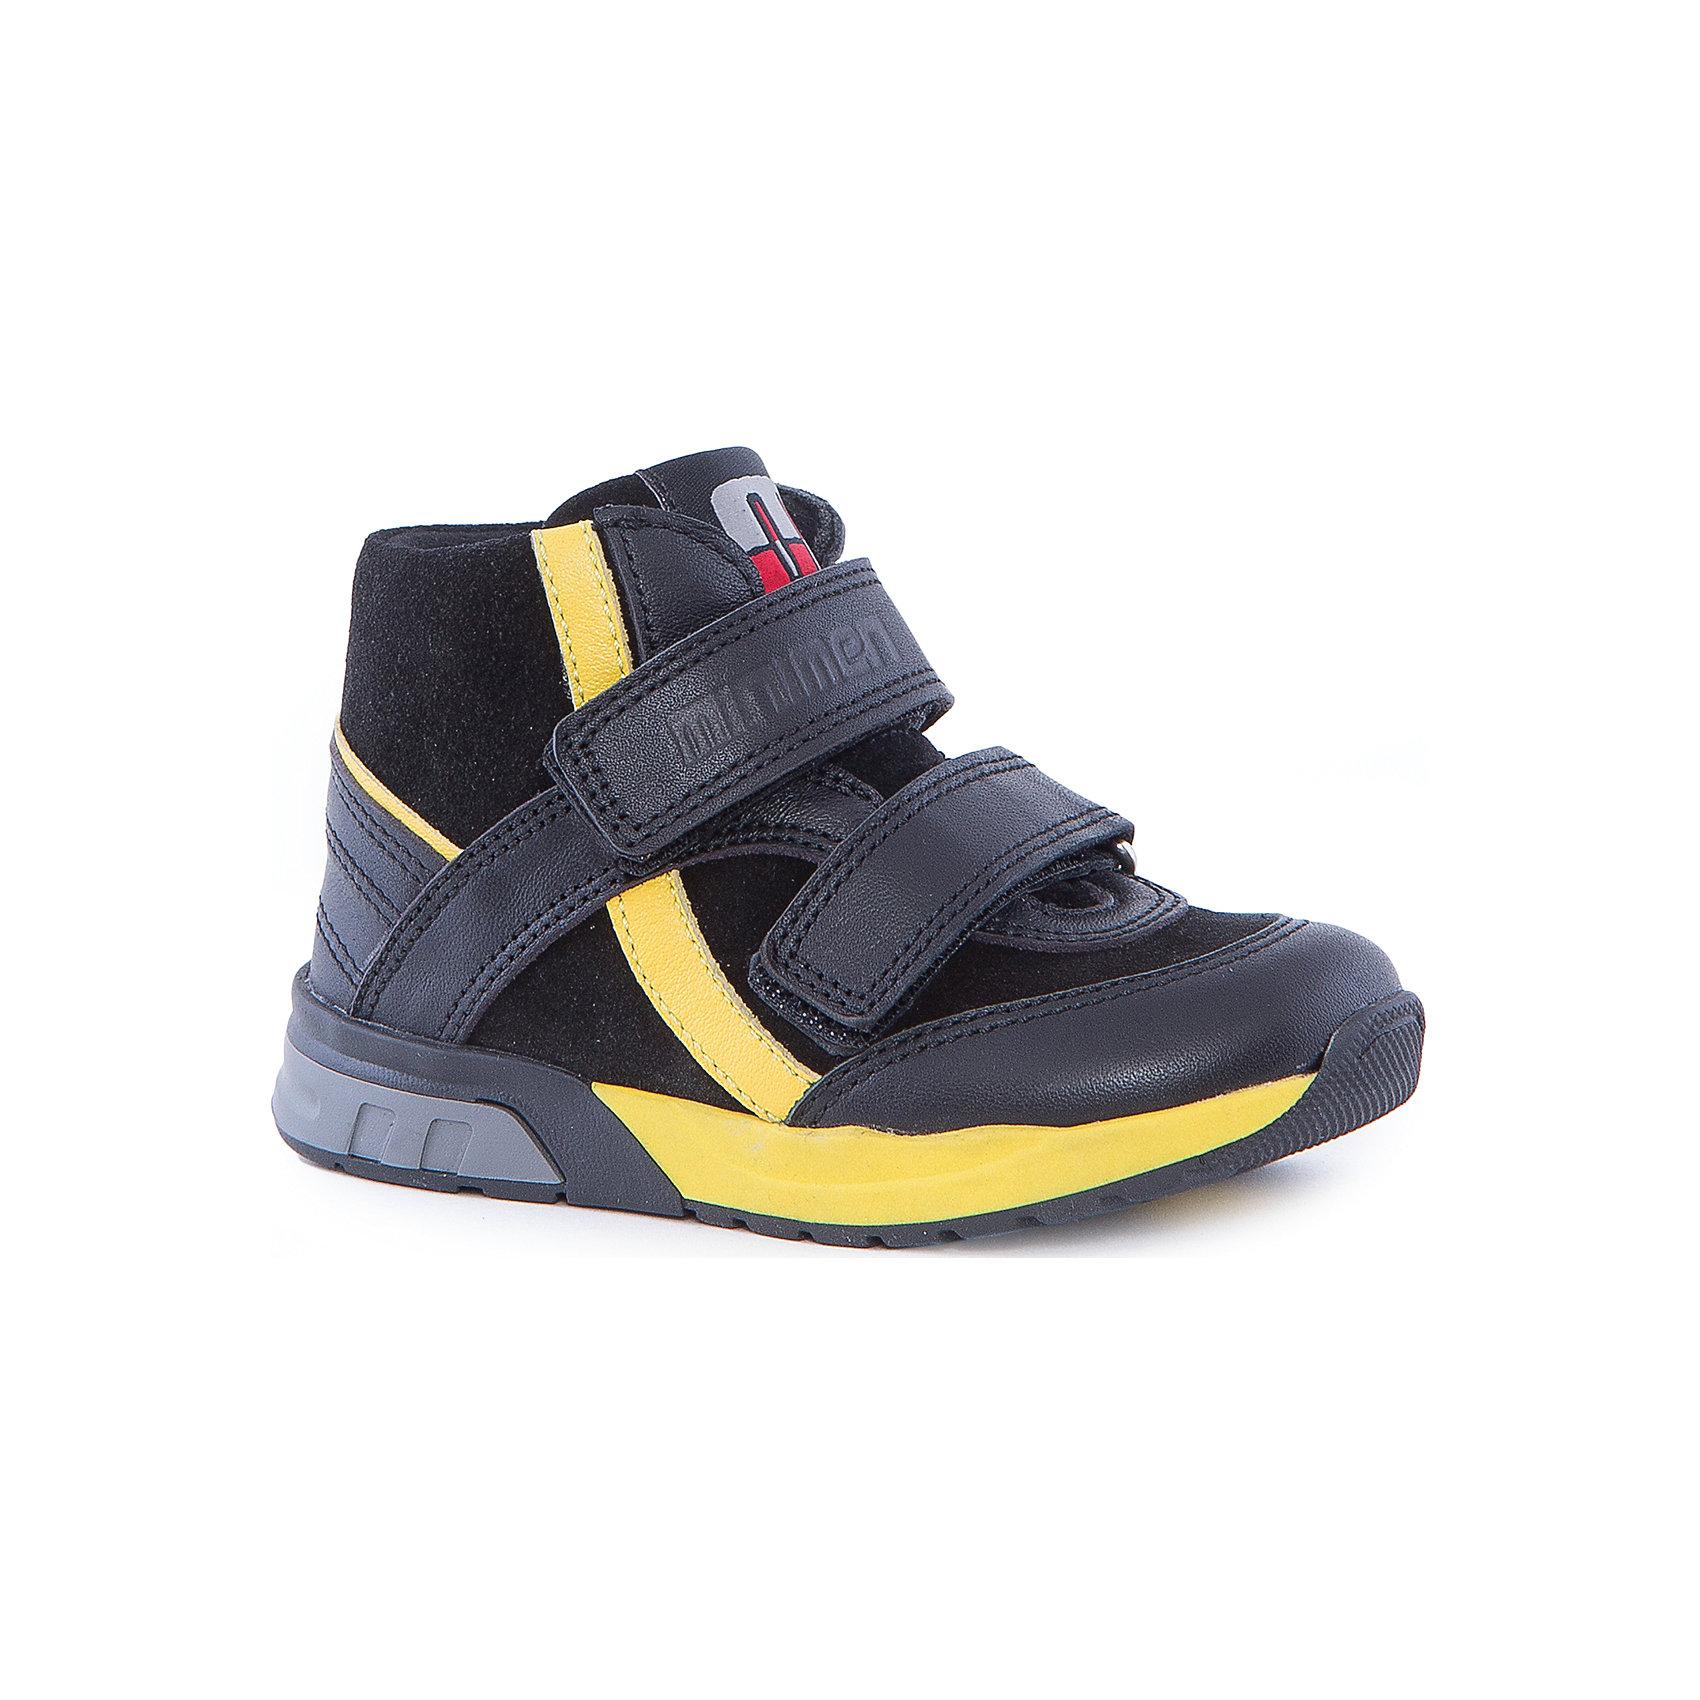 Ботинки для мальчика MinimenКожаные ботиночки от Minimen подойдут для осени и теплой зимы. Они имеют уплотненные мыс и задник, ортопедическую стельку, дополнительную прошивку швов. Застегиваются с помощью липучек. Приятный дизайн и комфортная обувь для вашего ребенка!<br><br>Дополнительная информация:<br>Стелька: супинатор<br>Цвет: черный<br>Сезон: осень-зима<br>Материал: 100% кожа. Подкладка: текстиль<br><br>Ботинки Minimen можно купить в нашем интернет-магазине.<br><br>Ширина мм: 262<br>Глубина мм: 176<br>Высота мм: 97<br>Вес г: 427<br>Цвет: черный<br>Возраст от месяцев: 9<br>Возраст до месяцев: 12<br>Пол: Мужской<br>Возраст: Детский<br>Размер: 20,24,23,22,21<br>SKU: 4969888